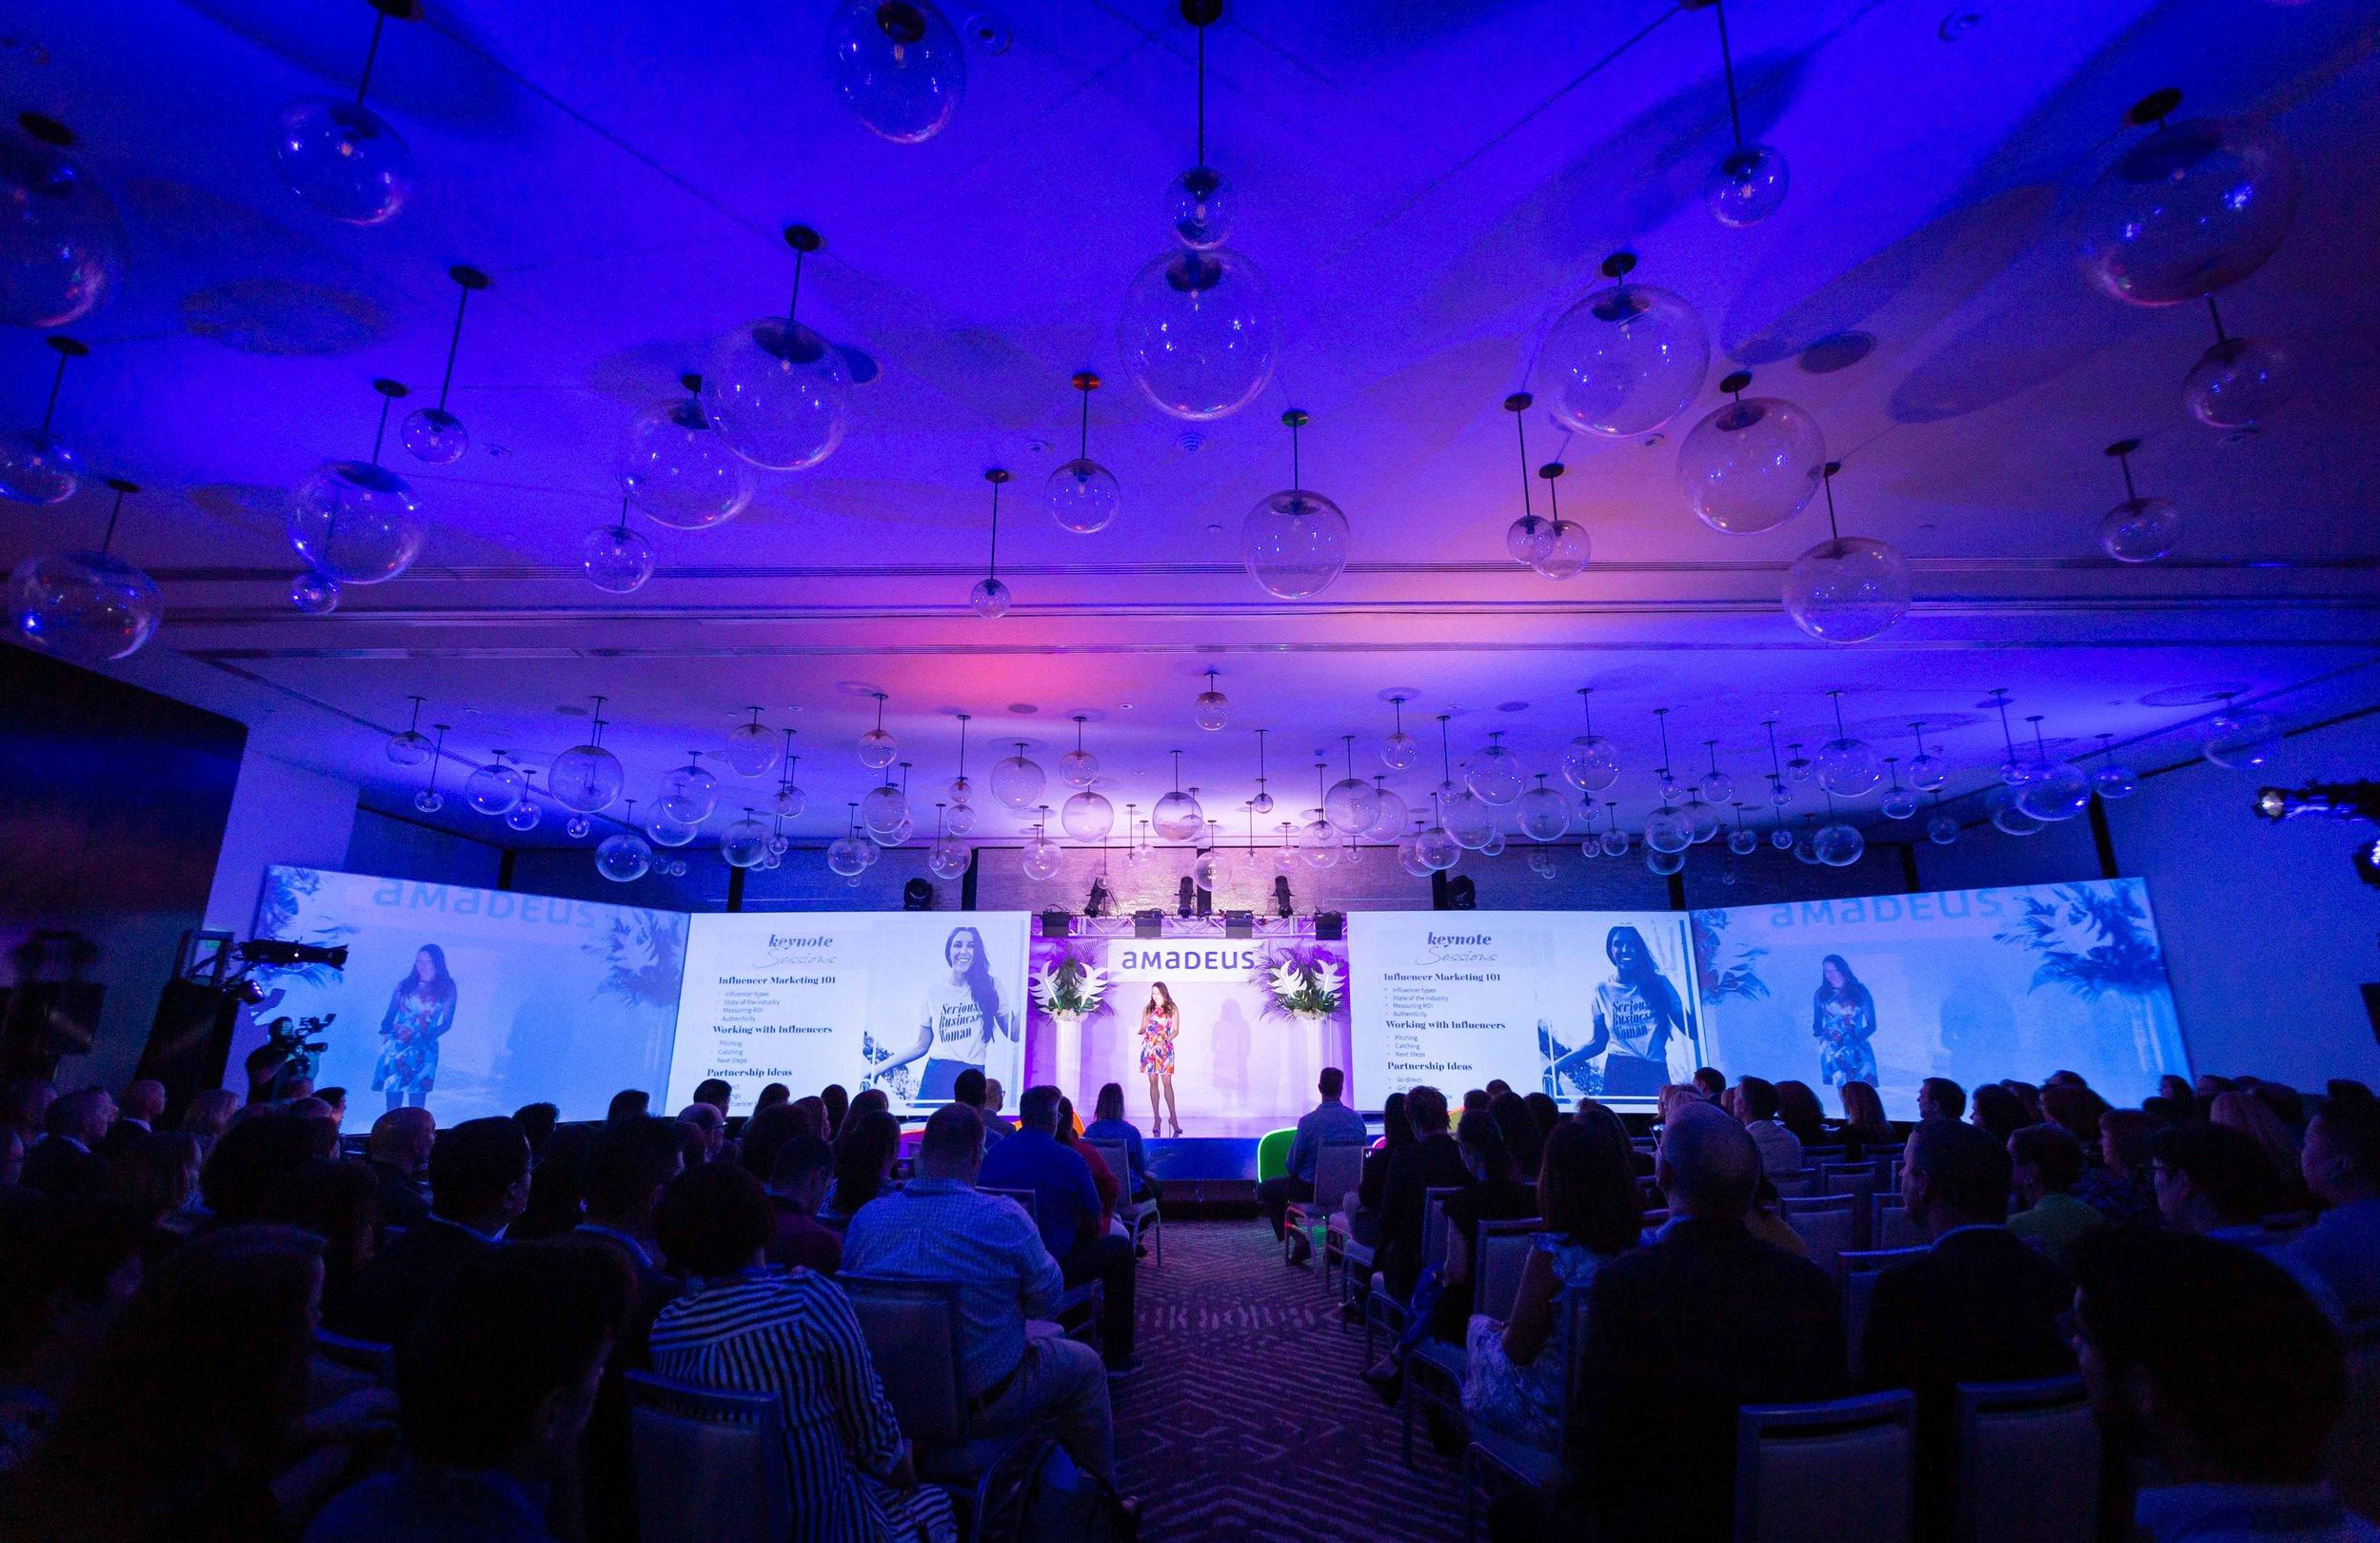 090-malloy-events-miami-conference-by-brianadamsphoto.com.jpg